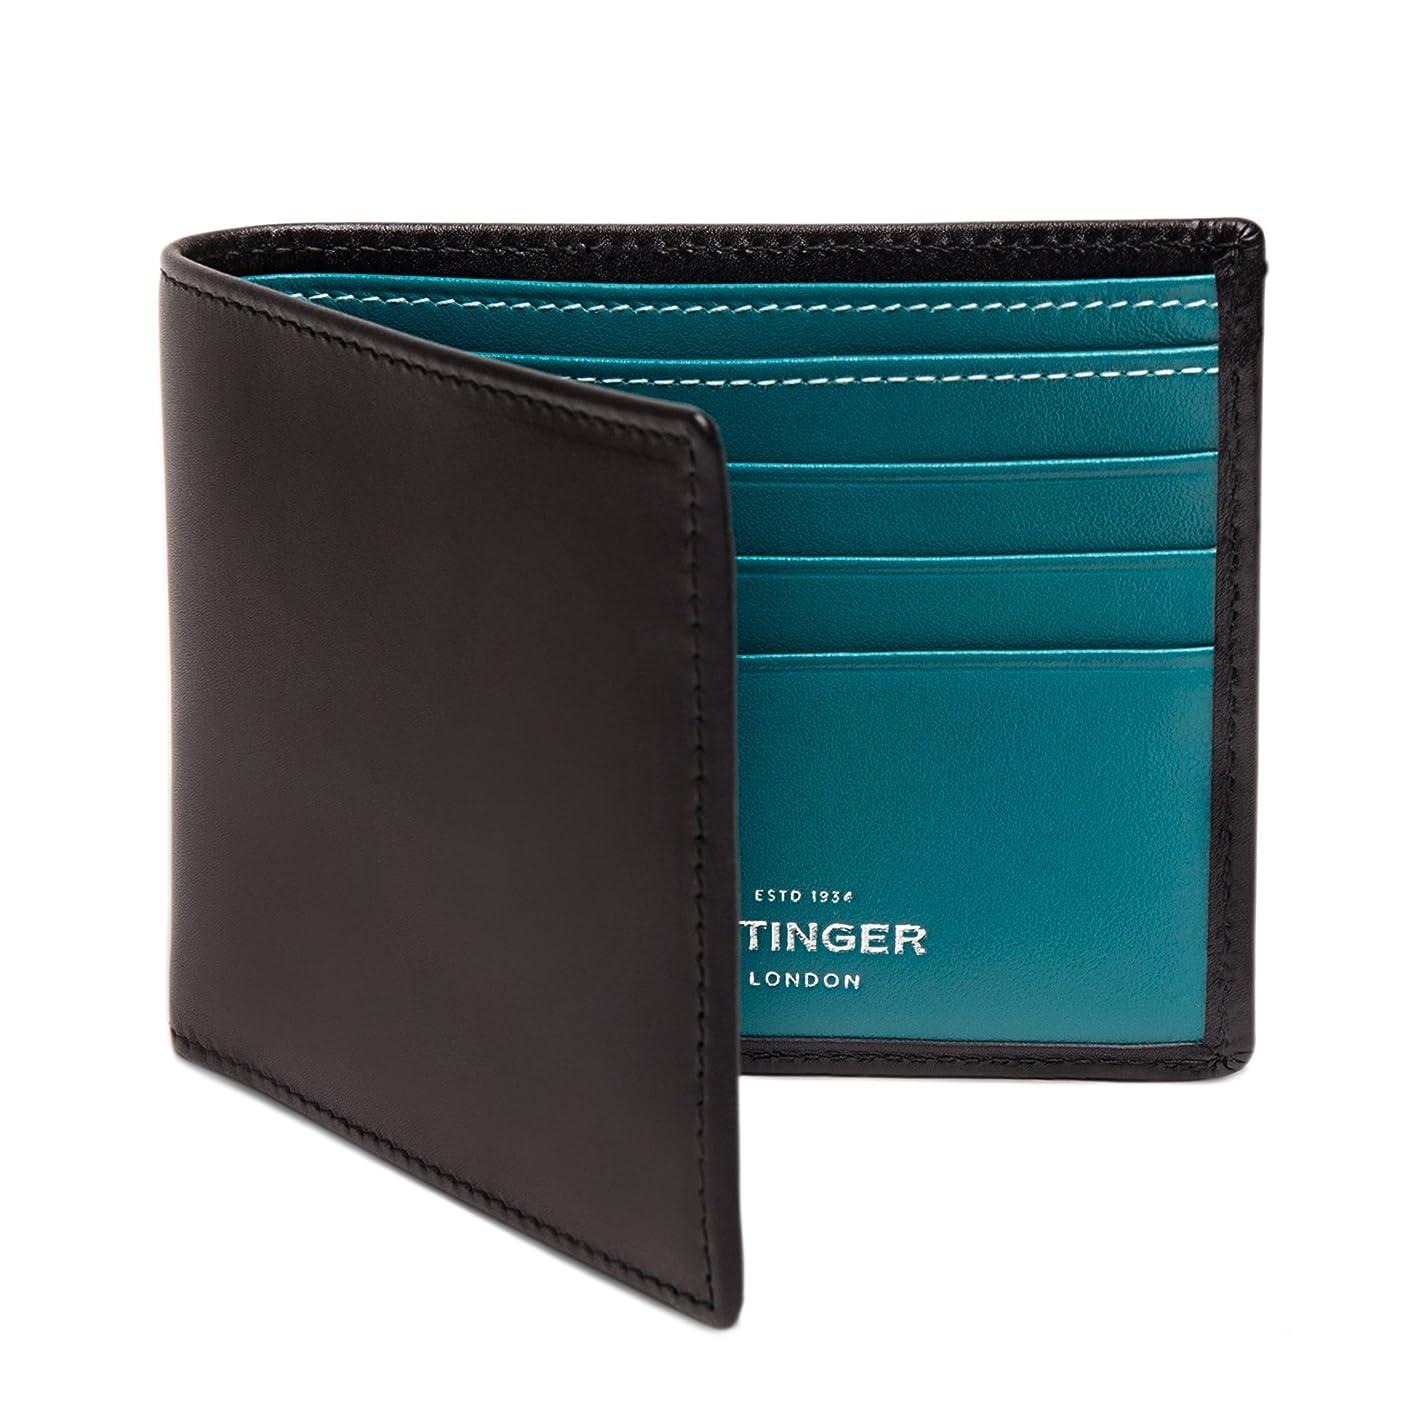 震え夢中神ETTINGER / エッティンガー レザー?ビルフォールド ウォレット 二つ折り財布 - ブラック/ターコイズ(内側)